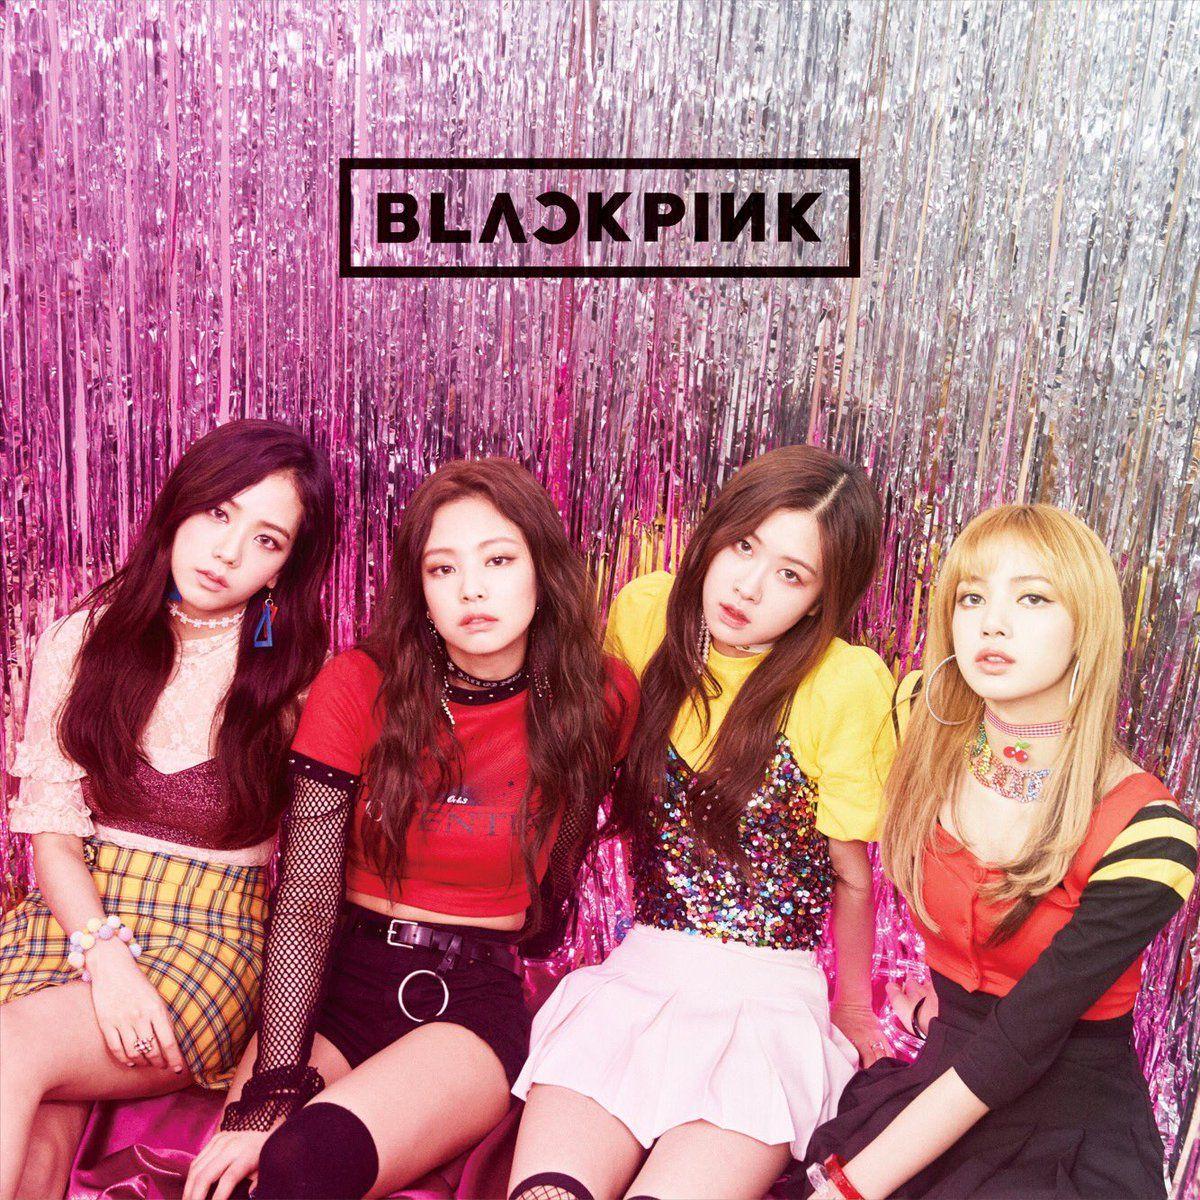 Gambar Foto Rosé Black Pink Terbaru Dan Terlengkap 2017: Wallpaper Blackpink Lisa Terpopuler